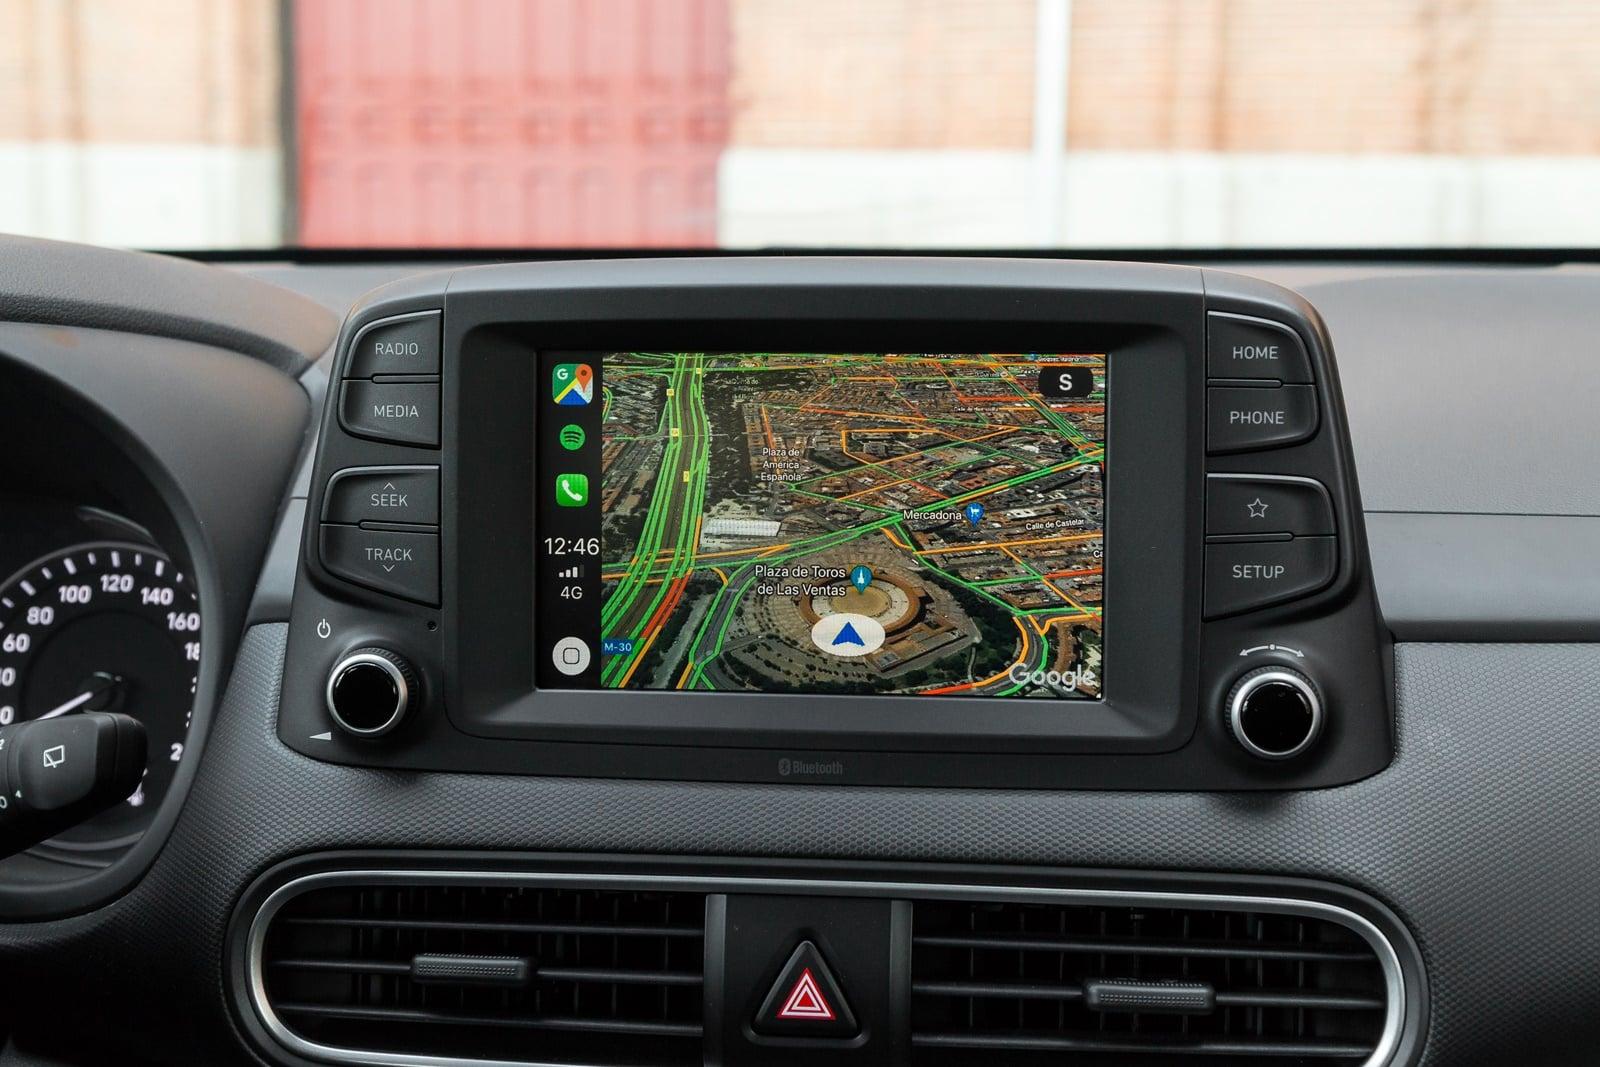 cómo configurar el GPS del coche